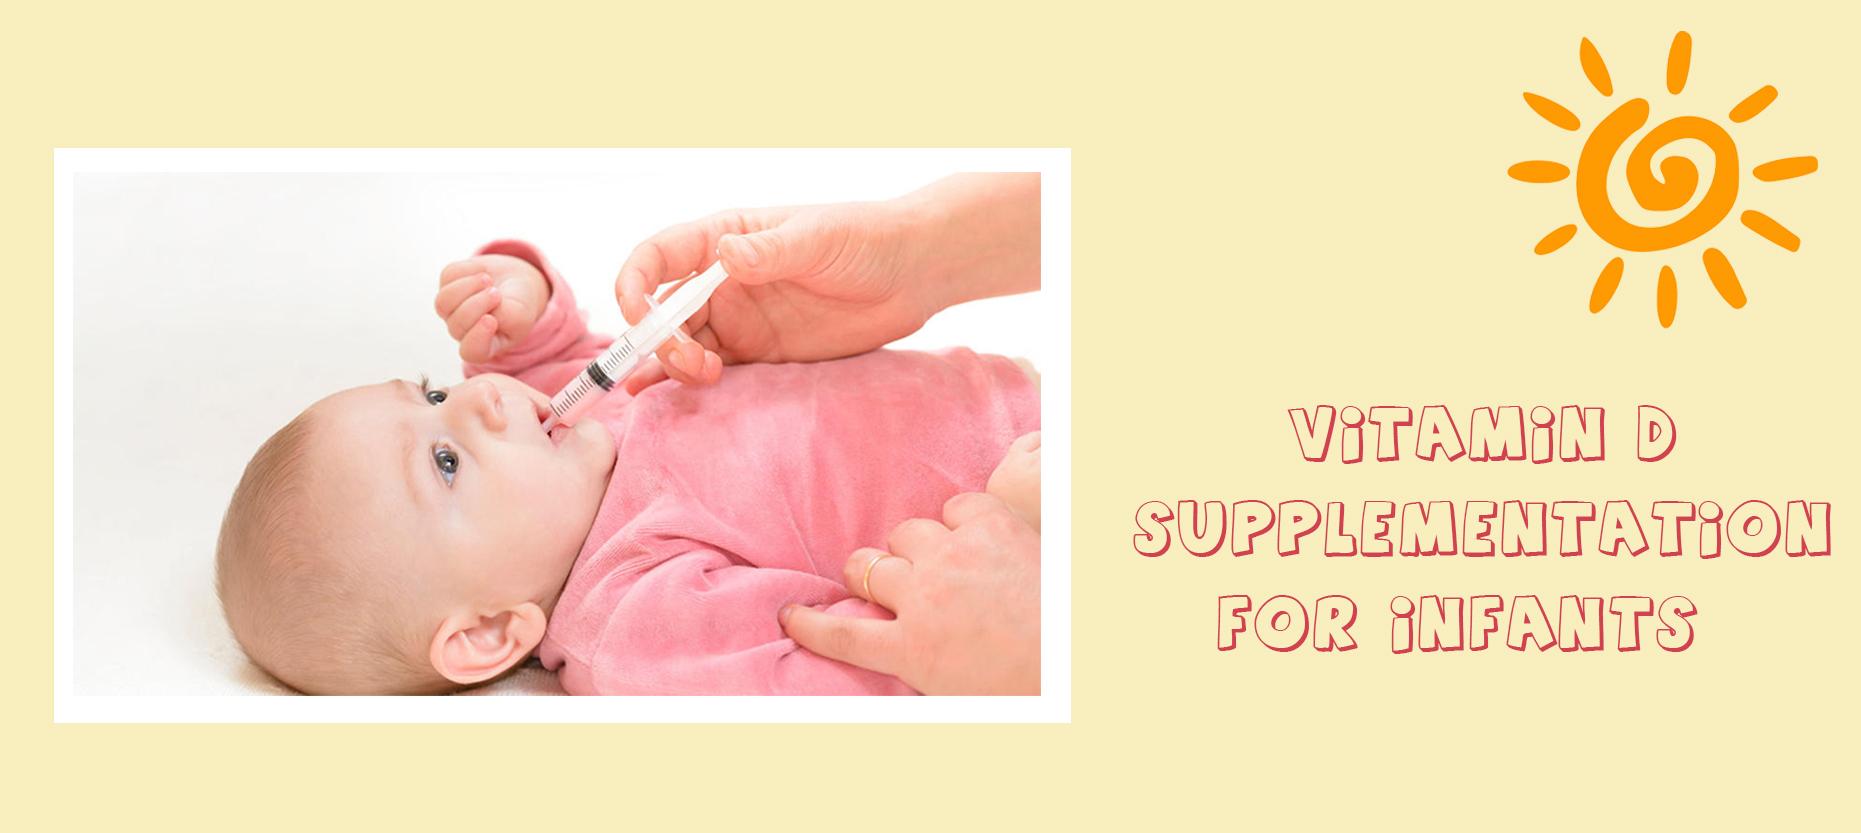 Vitamin D Supplementation for Infants